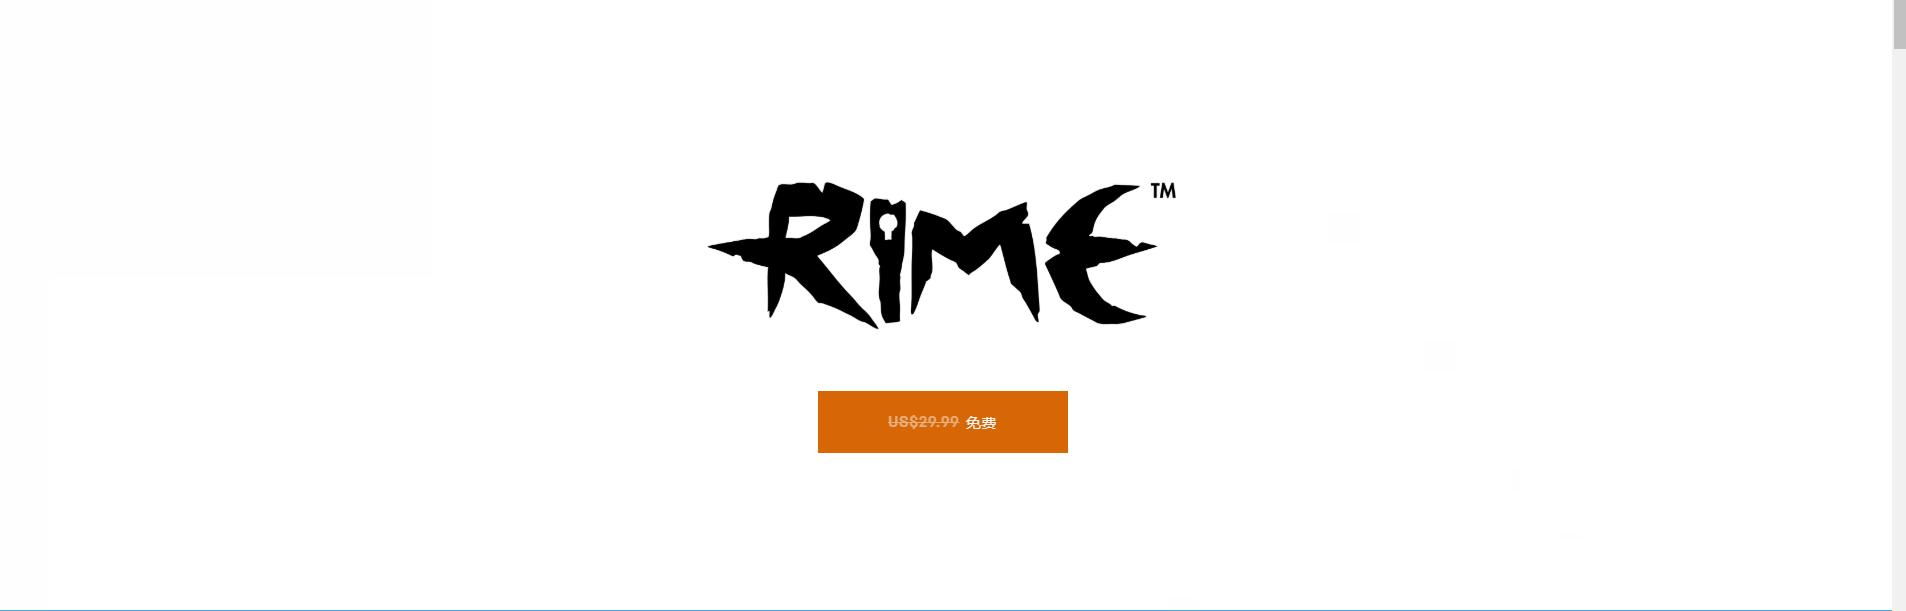 育碧商店免费领取游戏:RiME-福禄吧